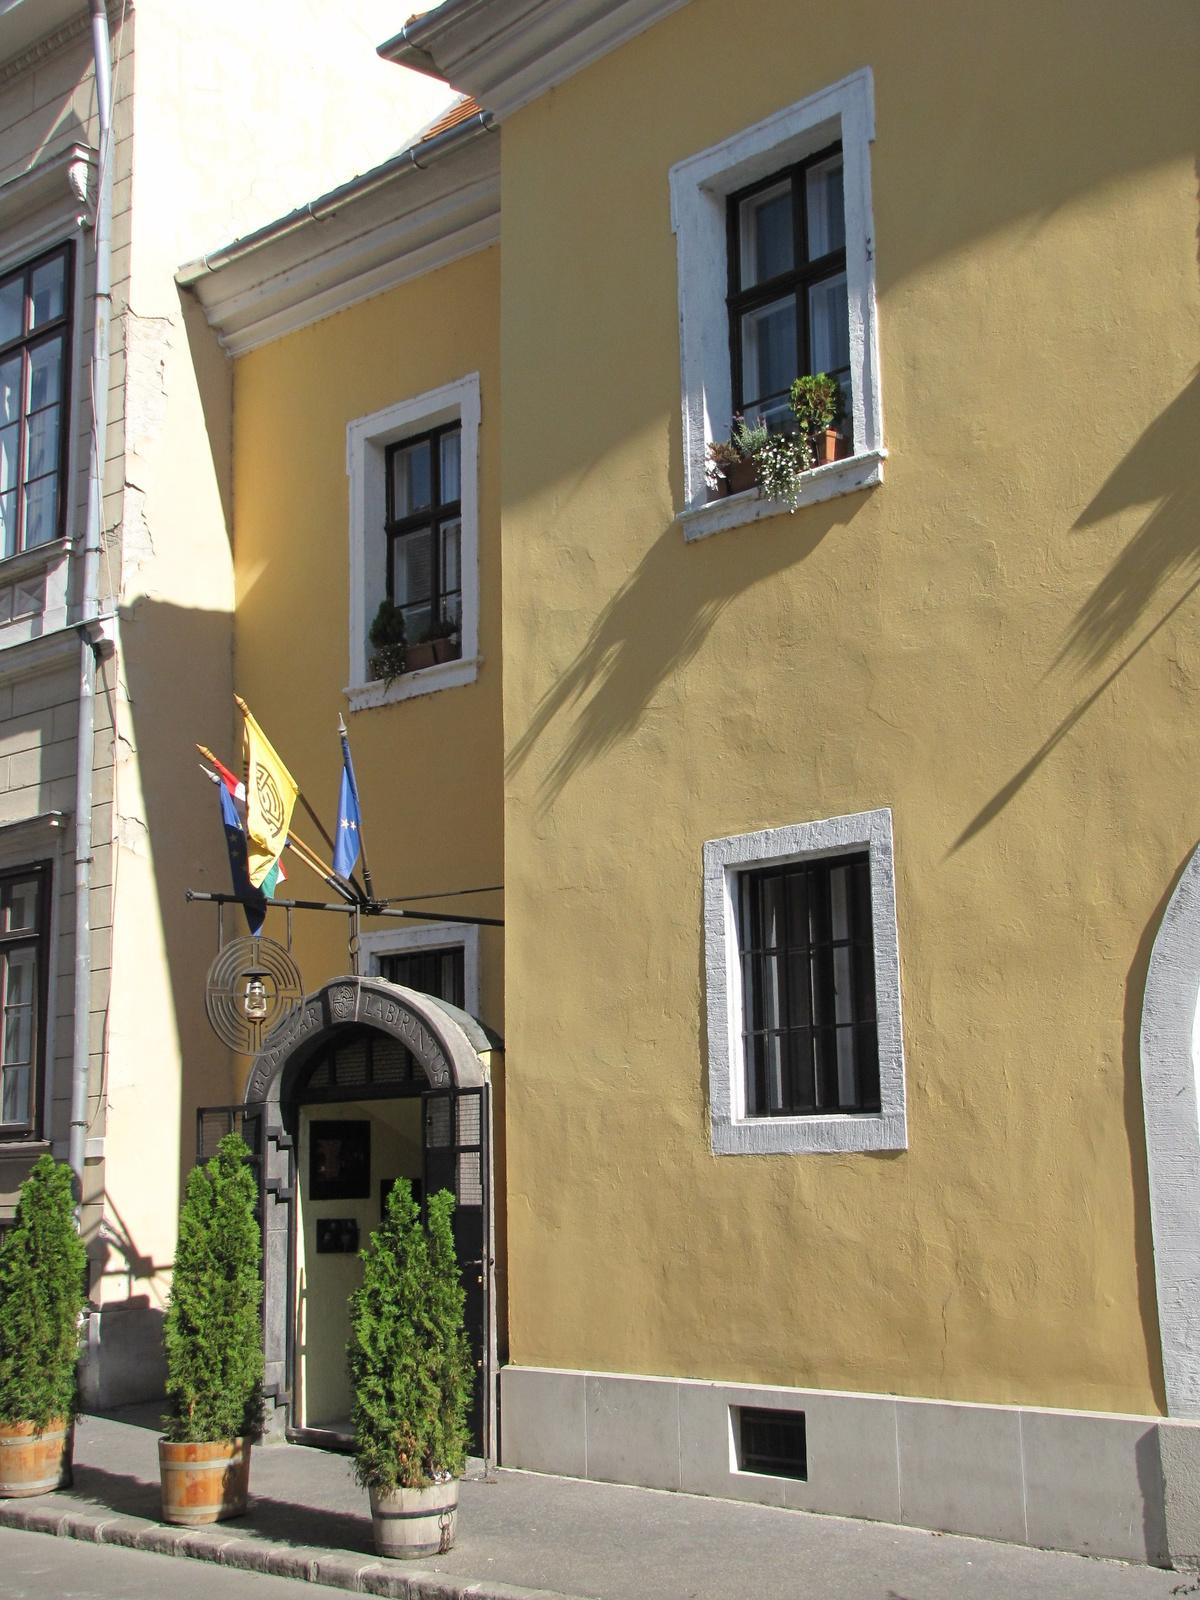 Magyarország, a budai Várnegyed, SzG3